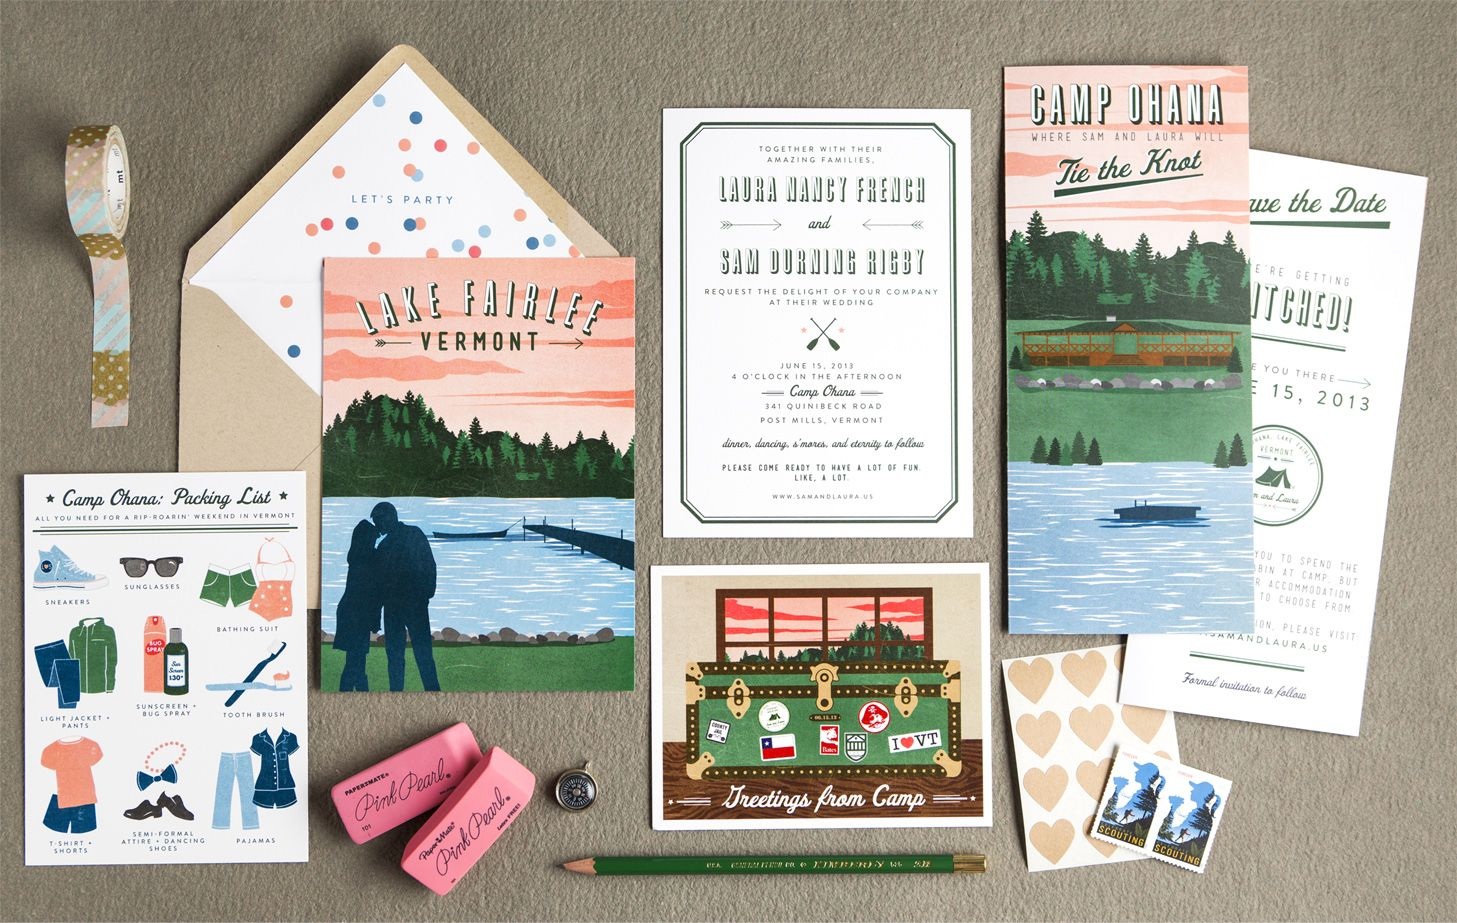 Laura Sam Vermont Camp Wedding Camp Wedding Summer Camp